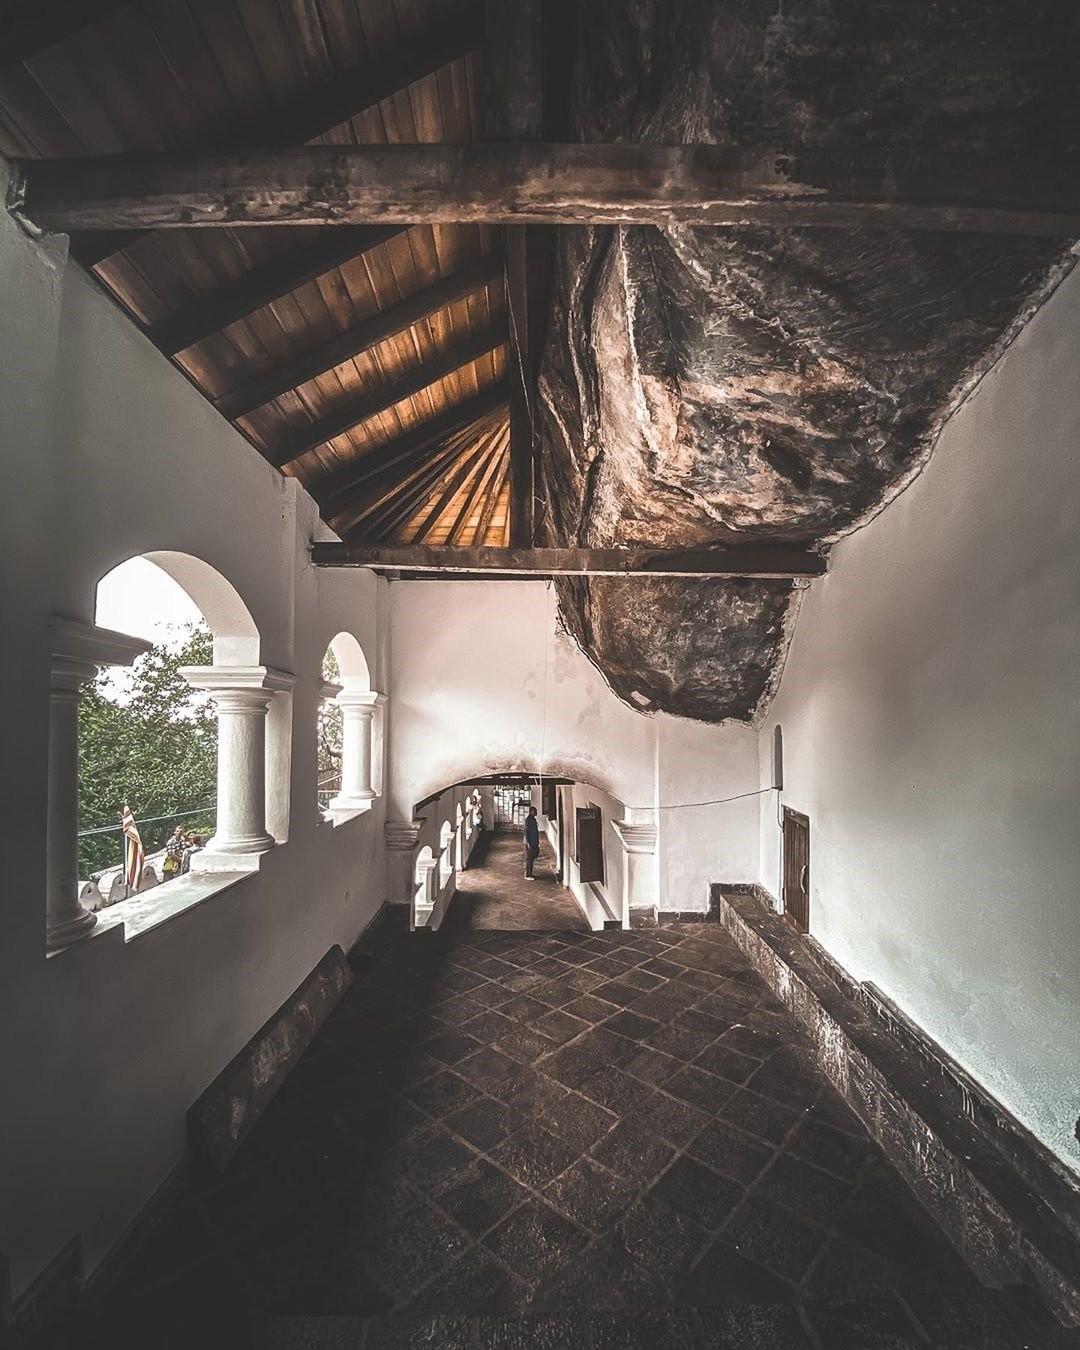 Kinh ngạc với khu đền Vàng dưới tảng đá khổng lồ ở Sri Lanka